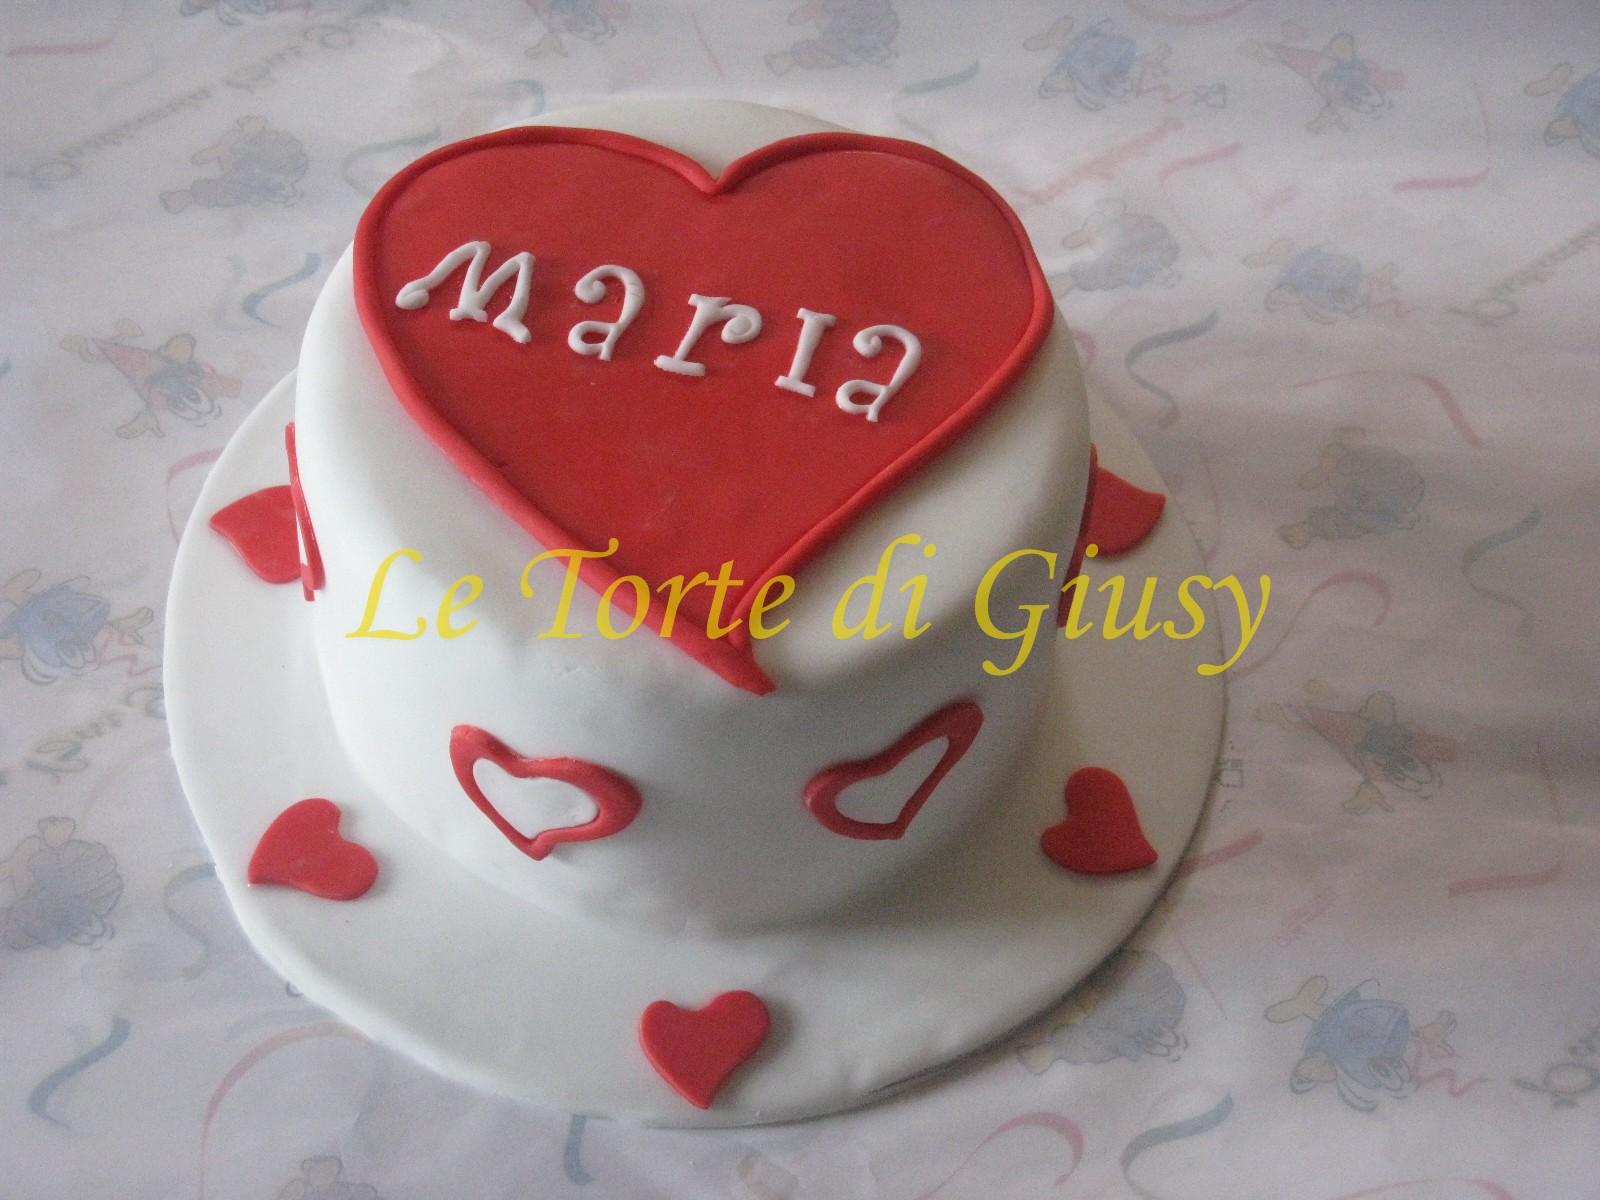 Eccezionale Le Torte di Giusy - Rende - Cosenza: Torta di Compleanno di Maria WB19